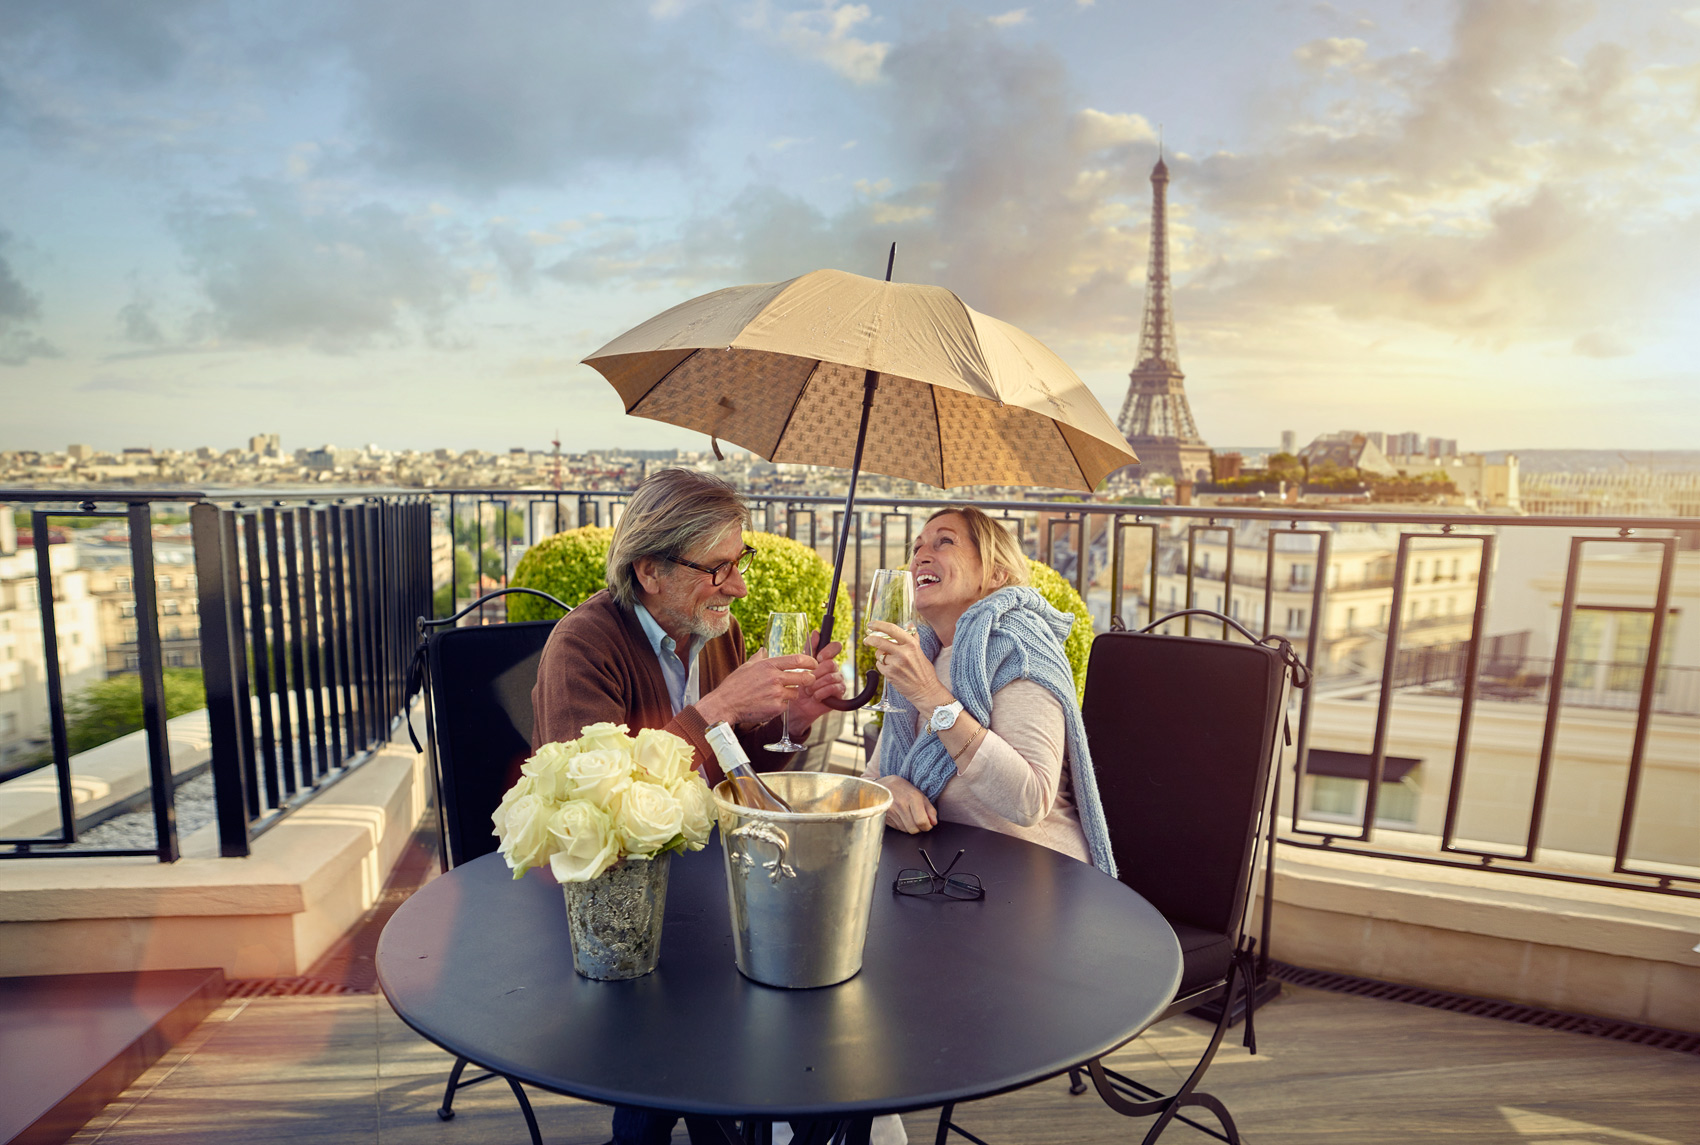 8.EuropeTravel_ParisFS_AtAtble_v1.jpg